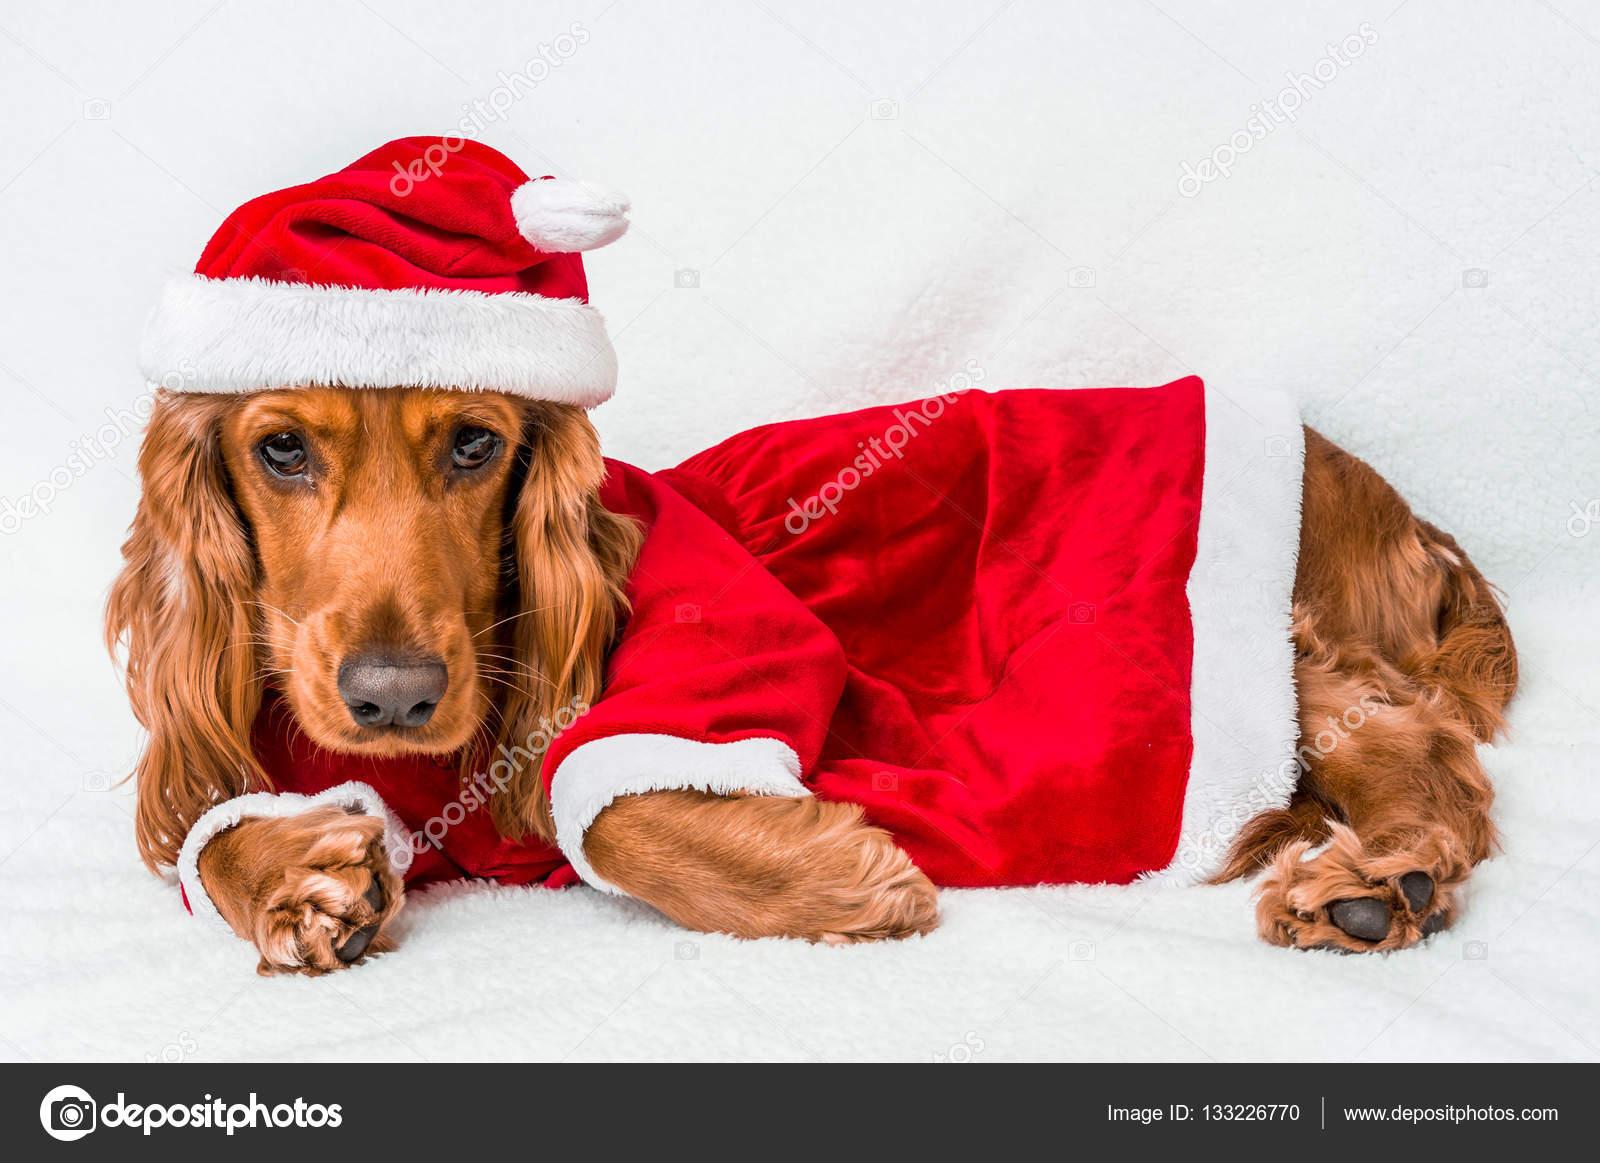 weihnachten englischer cocker spaniel in rot weihnachtskost m stockfoto 133226770. Black Bedroom Furniture Sets. Home Design Ideas